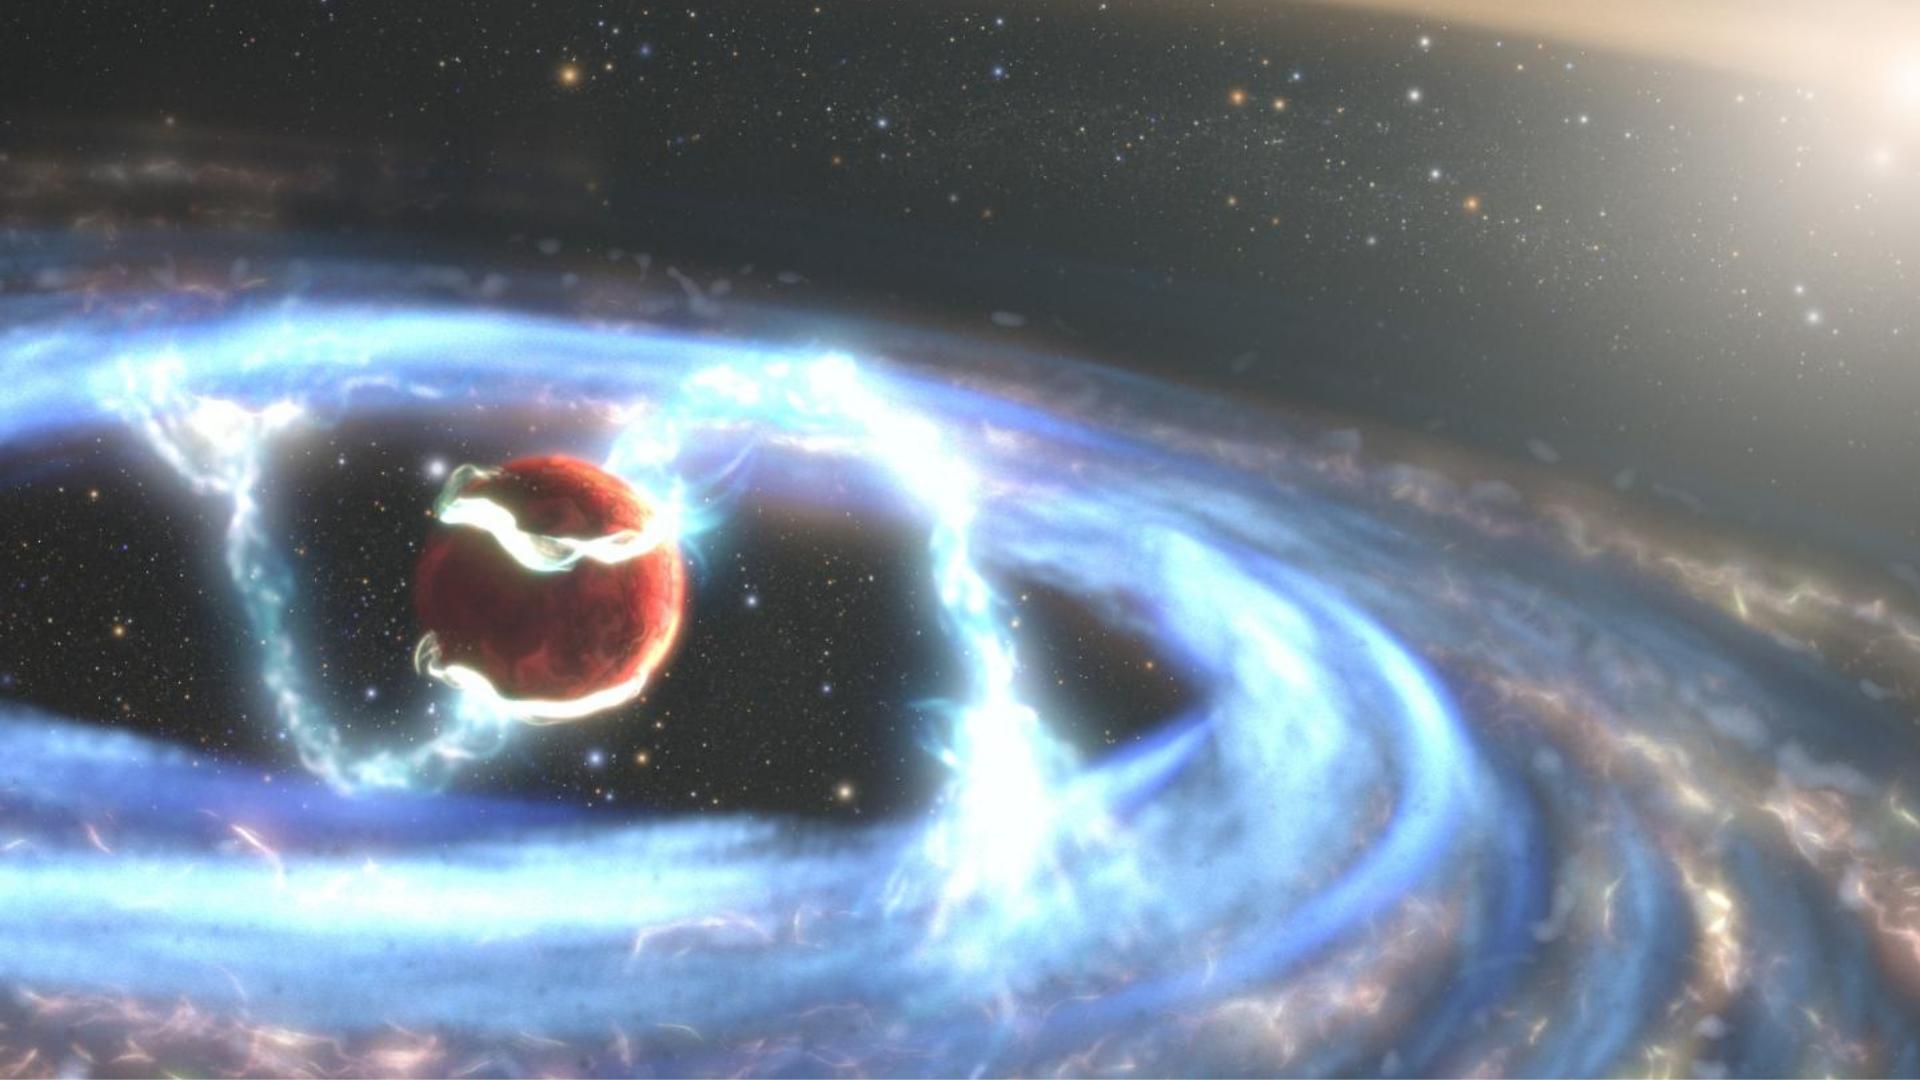 El Telescopio Hubble capta por primera vez la formación de un planeta